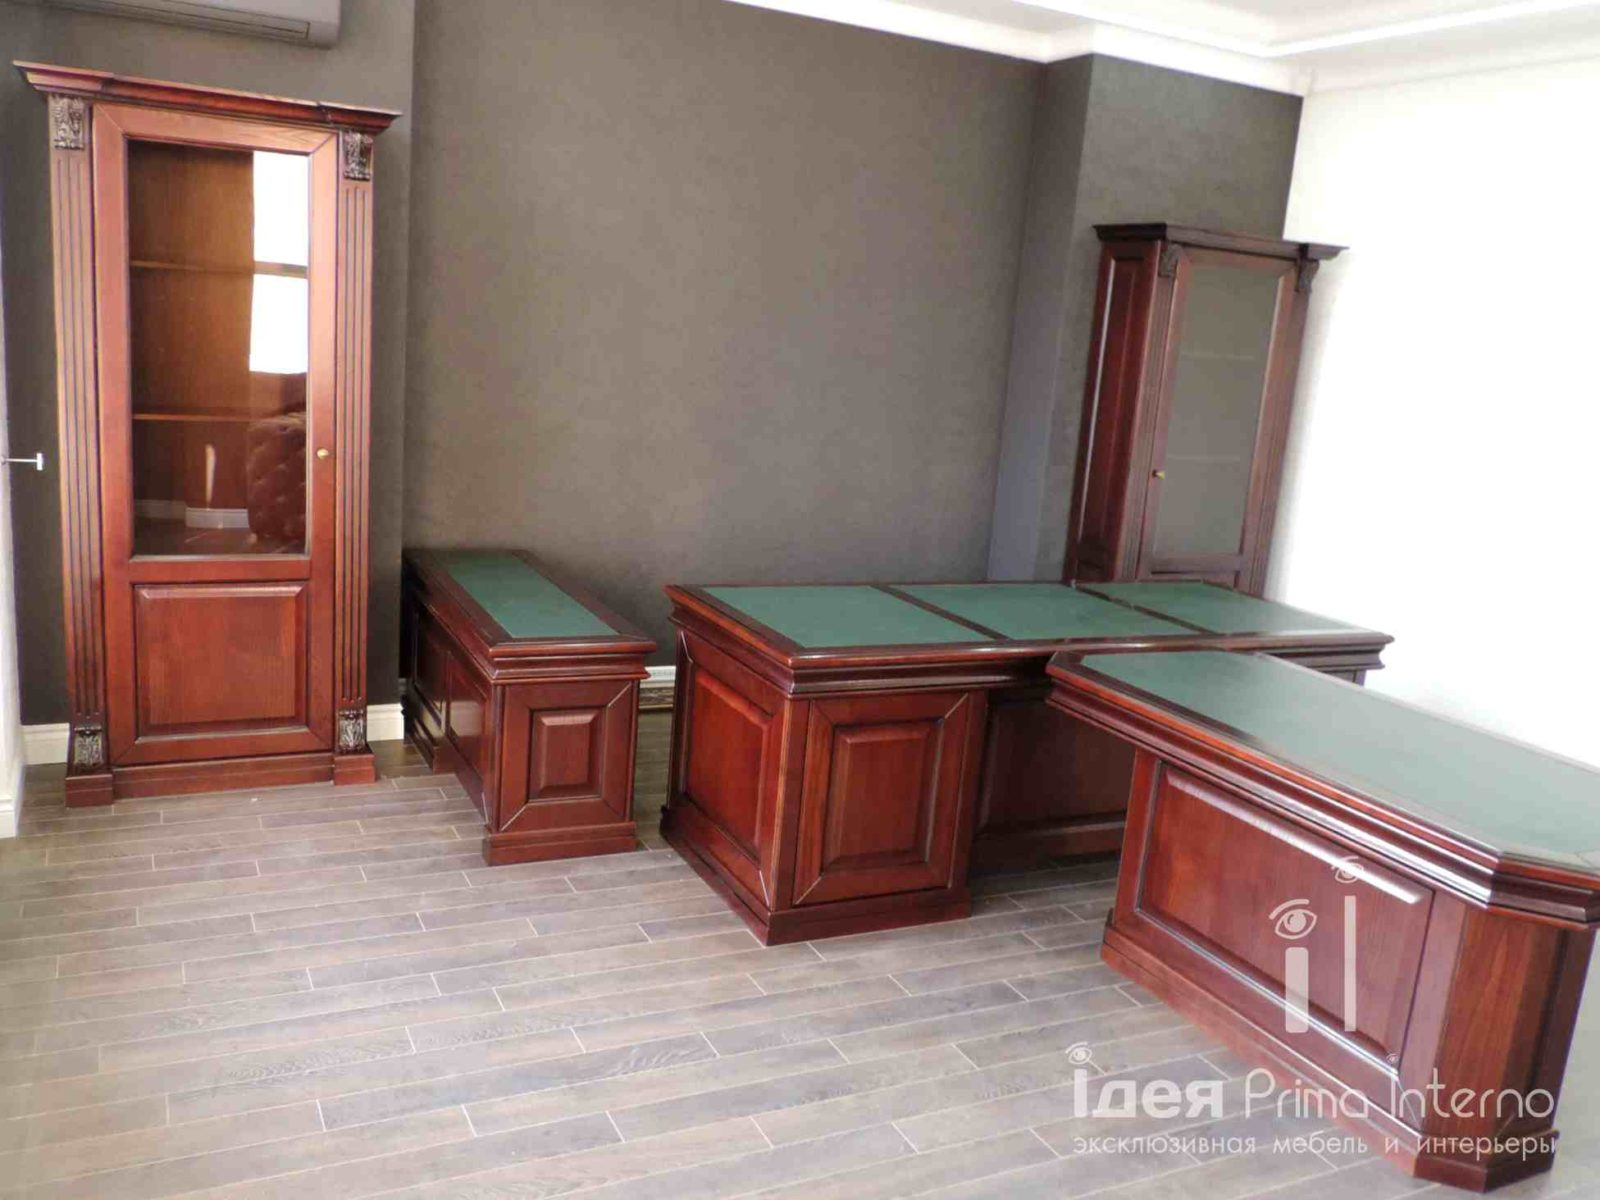 Стол, приставка, тумбы для кабинета руководителя